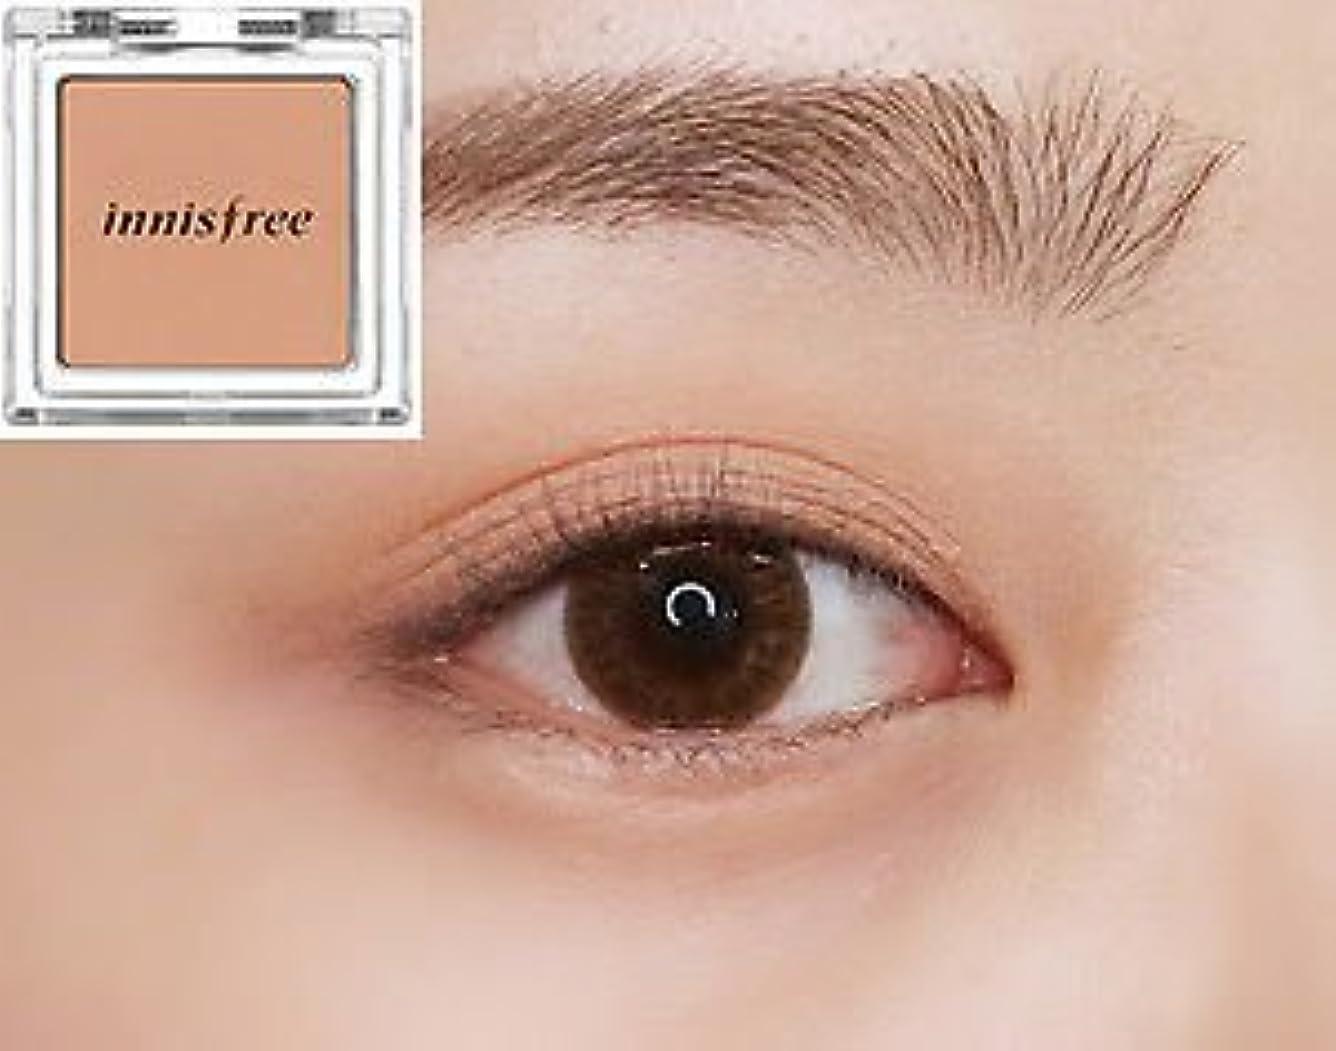 ボンド寛容覗く[イニスフリー] innisfree [マイ パレット マイ アイシャドウ (マット) 40カラー] MY PALETTE My Eyeshadow (Matte) 40 Shades [海外直送品] (マット #04)